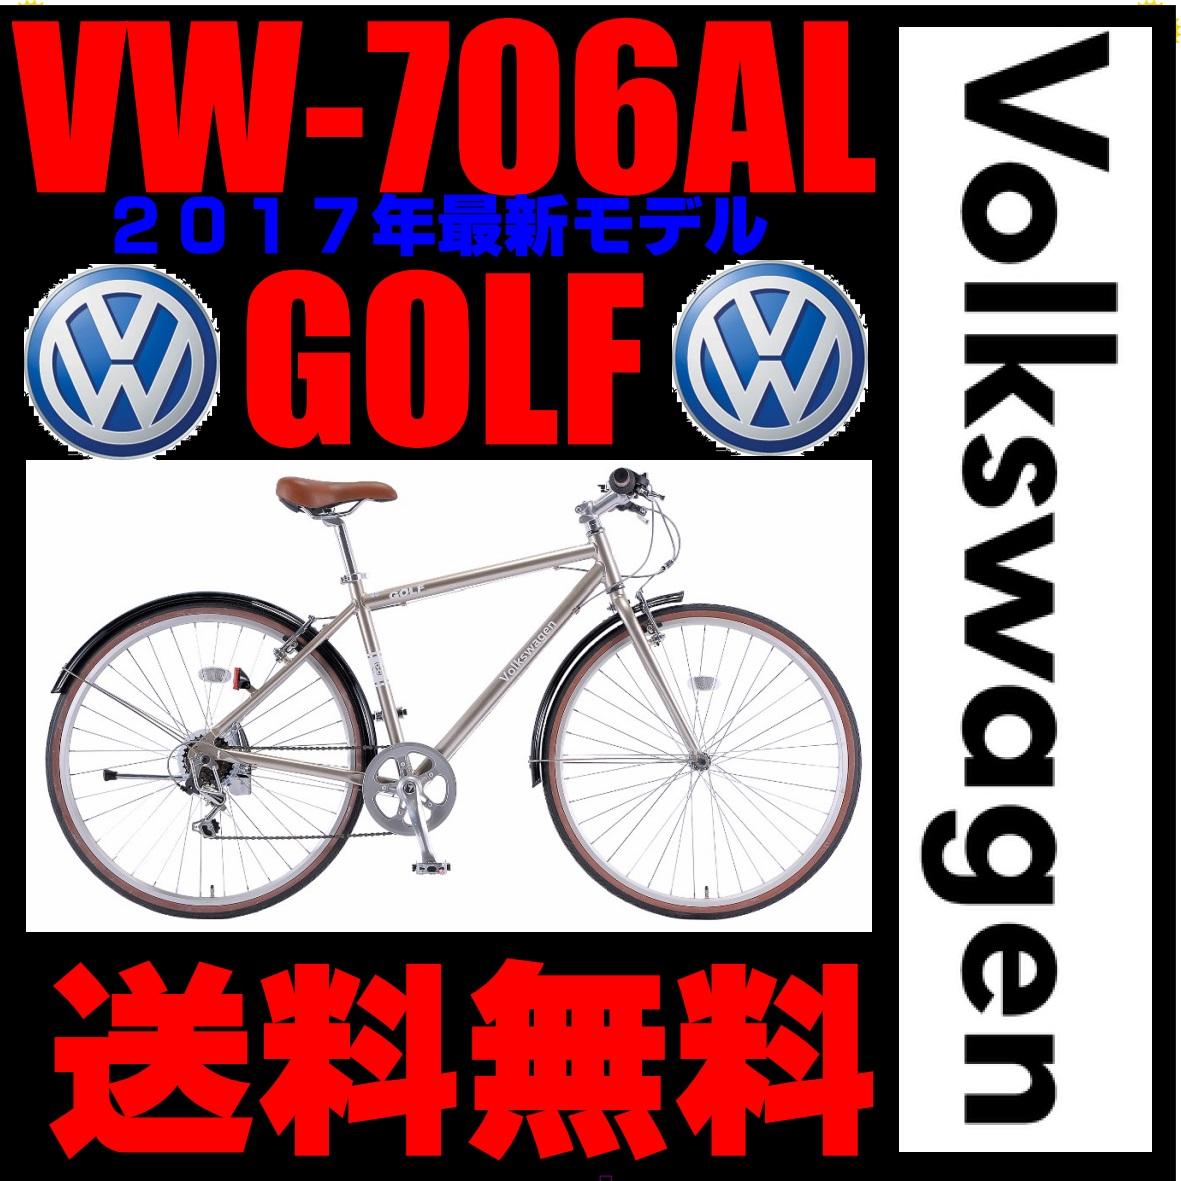 フォルクスワーゲン クロスバイク Volkswagen 自転車 シャンパーニュ 700C 自転車 6段外装 フォルクスワーゲン VW-706AL GOLF ゴルフ